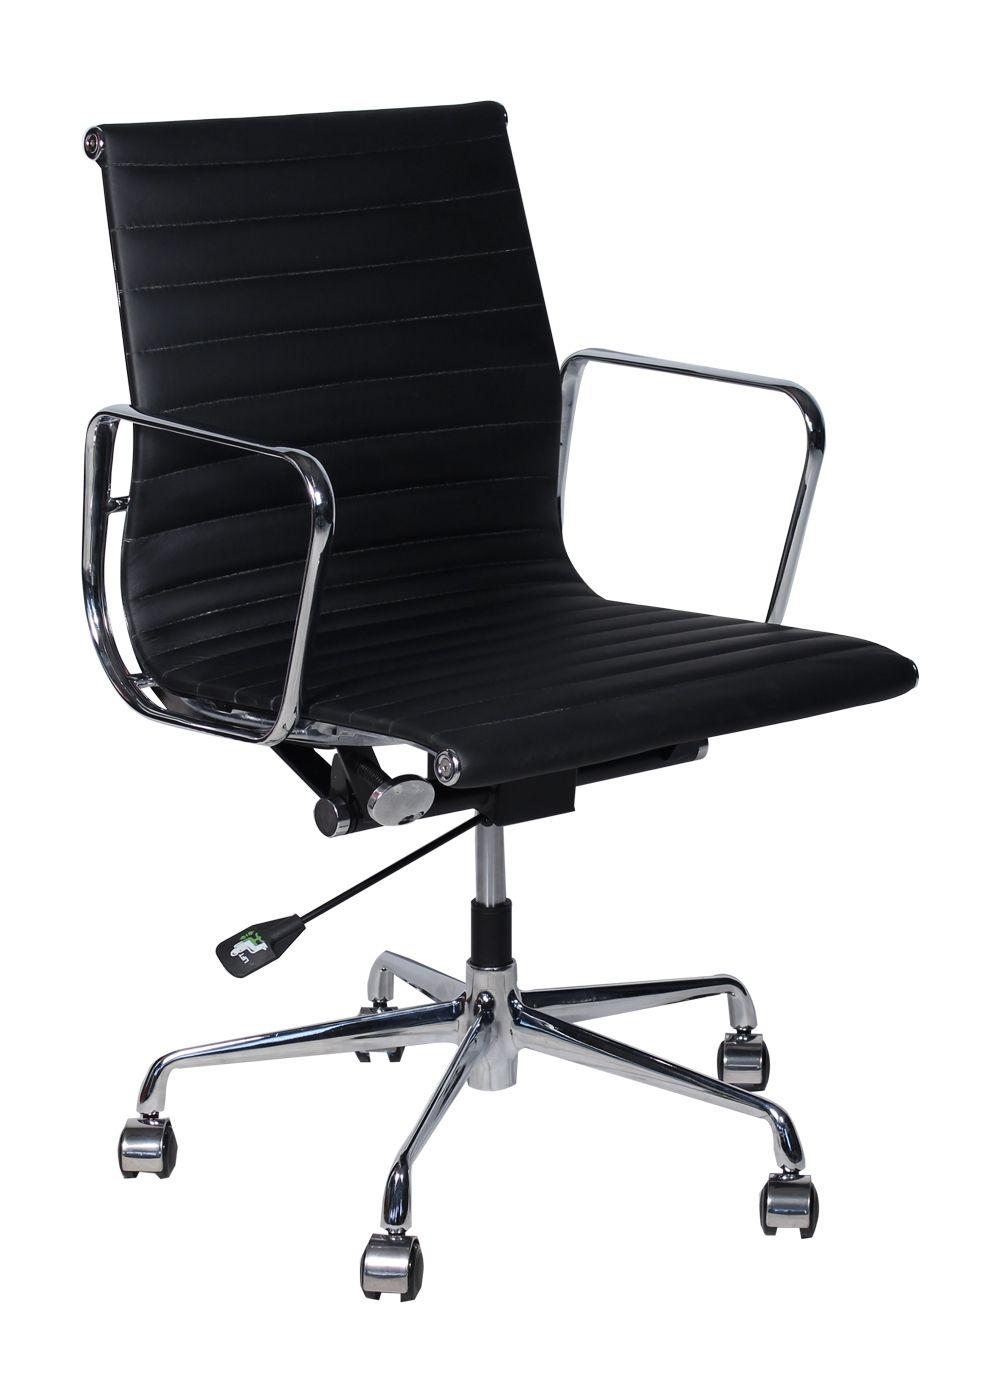 Reproductions De Meubles Design Mobilier De Salon Meuble Design Chaise Design